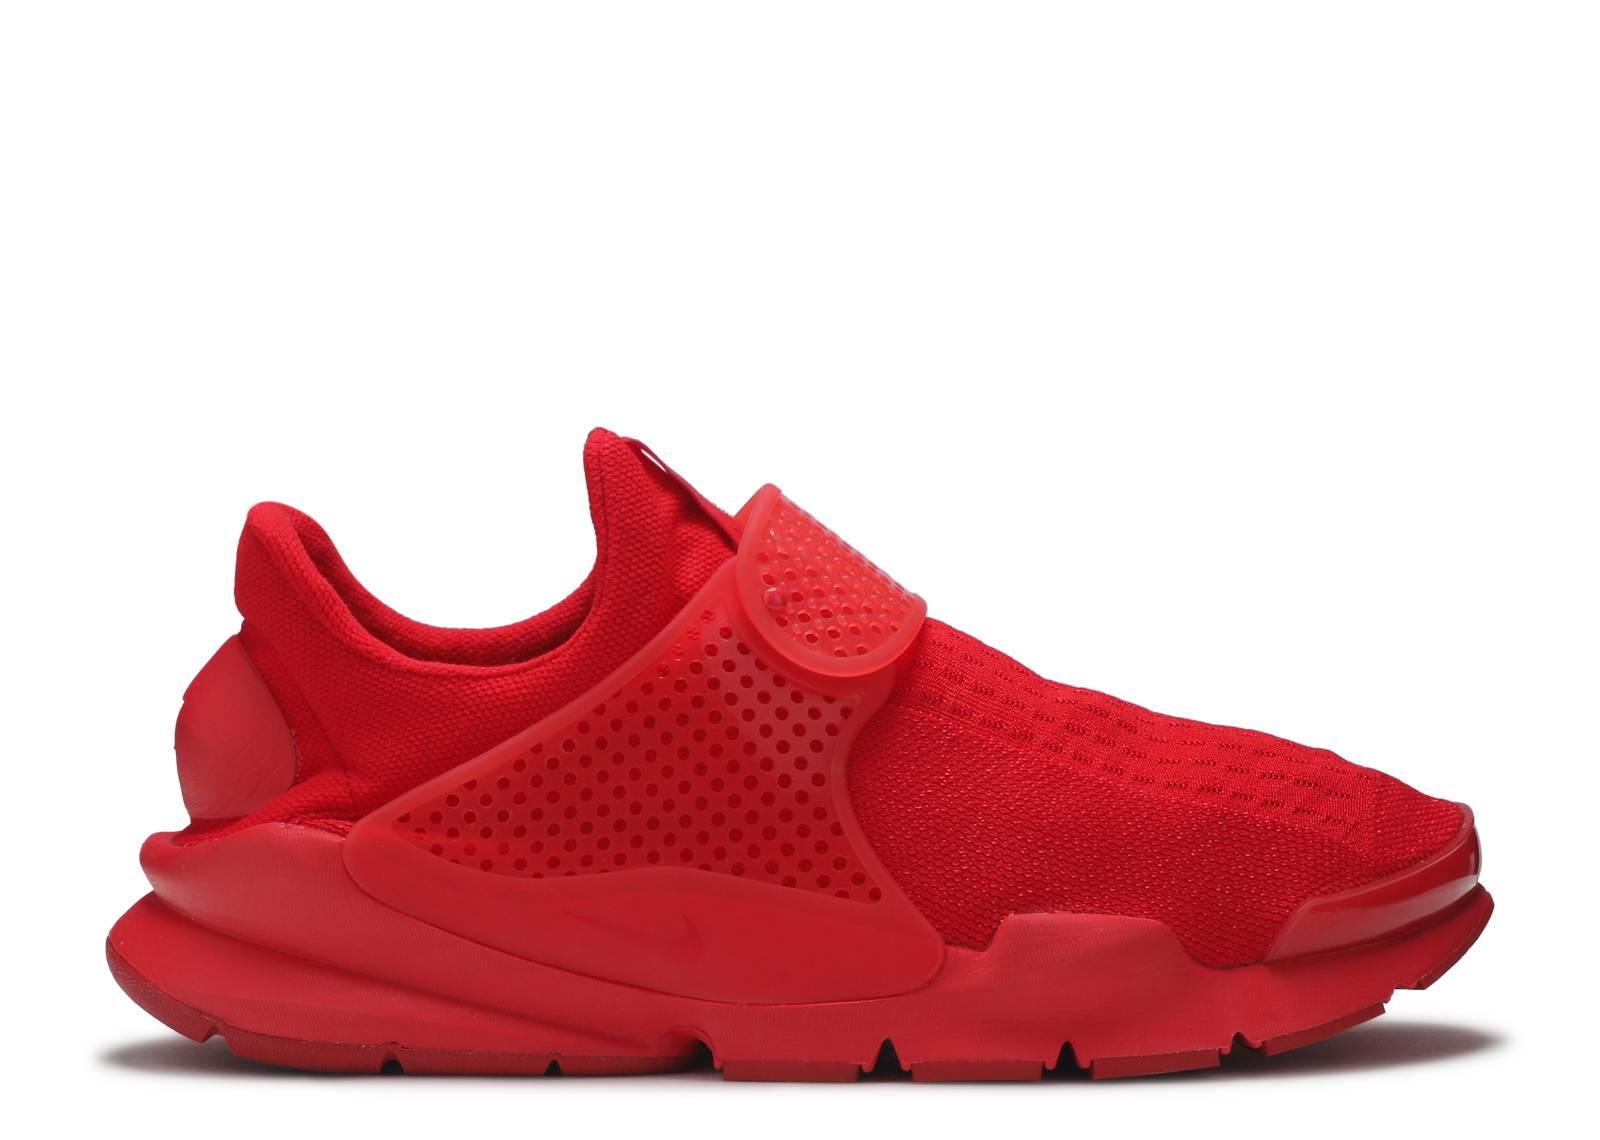 9e68771f885d Nike Sock Dart KJCRD - Nike - 819686 600 - university red university ...